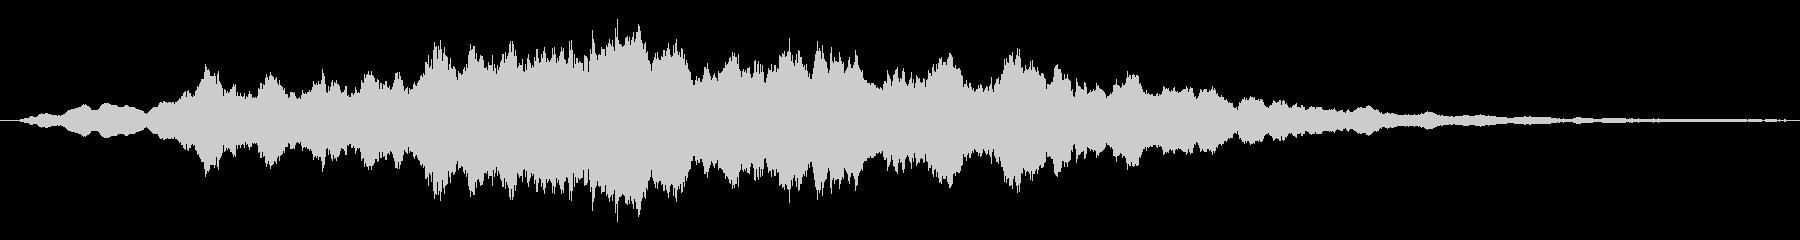 鋭い リンギングブリッター12の未再生の波形